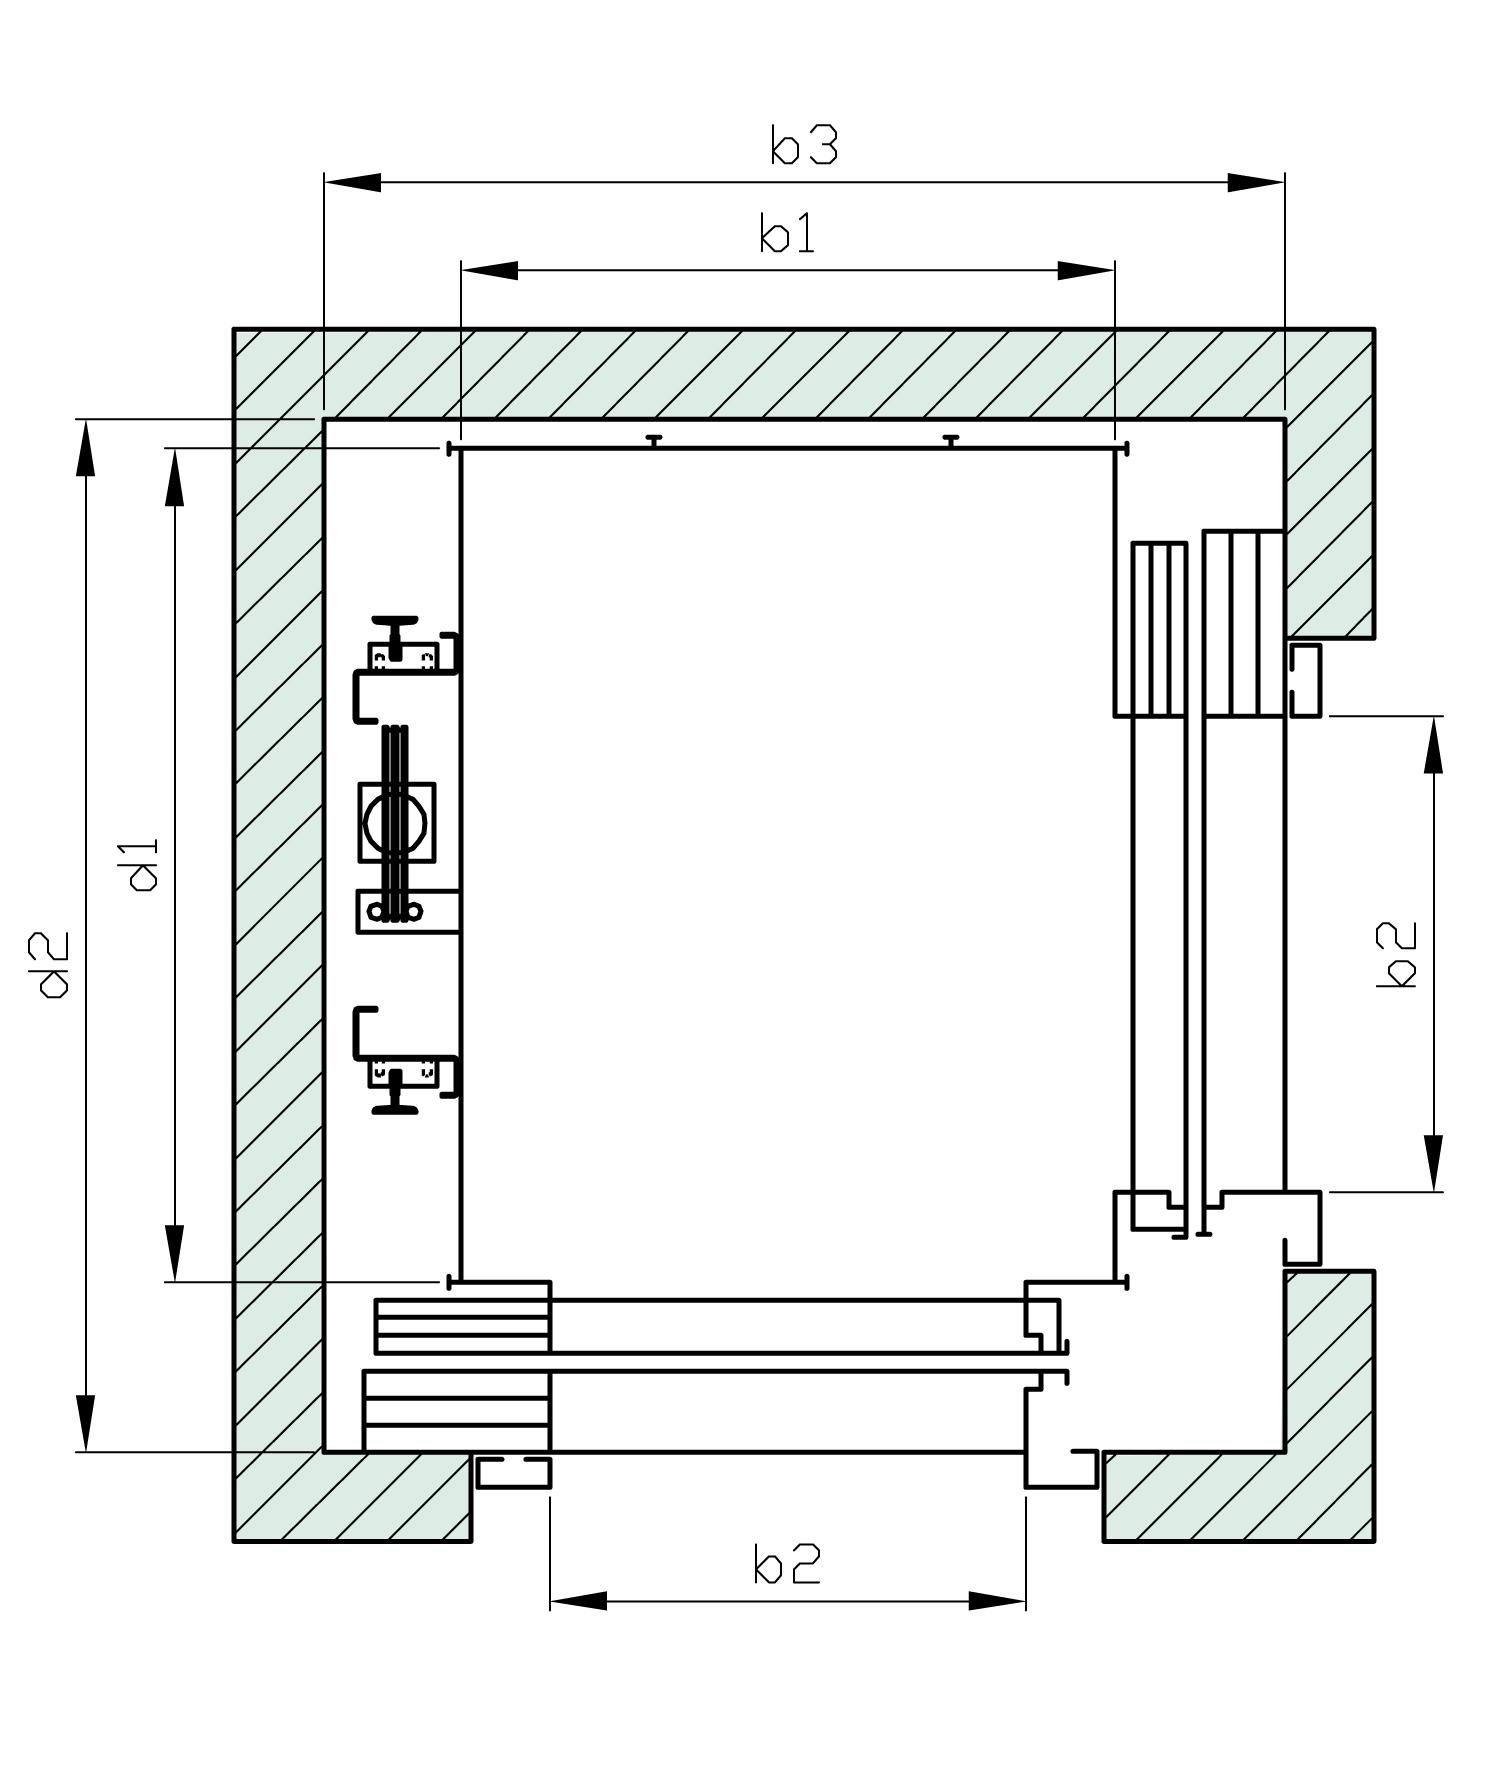 Ascensore dimensioni dimensioni cabina ascensore hhl w for Cabine lungolago grande orso